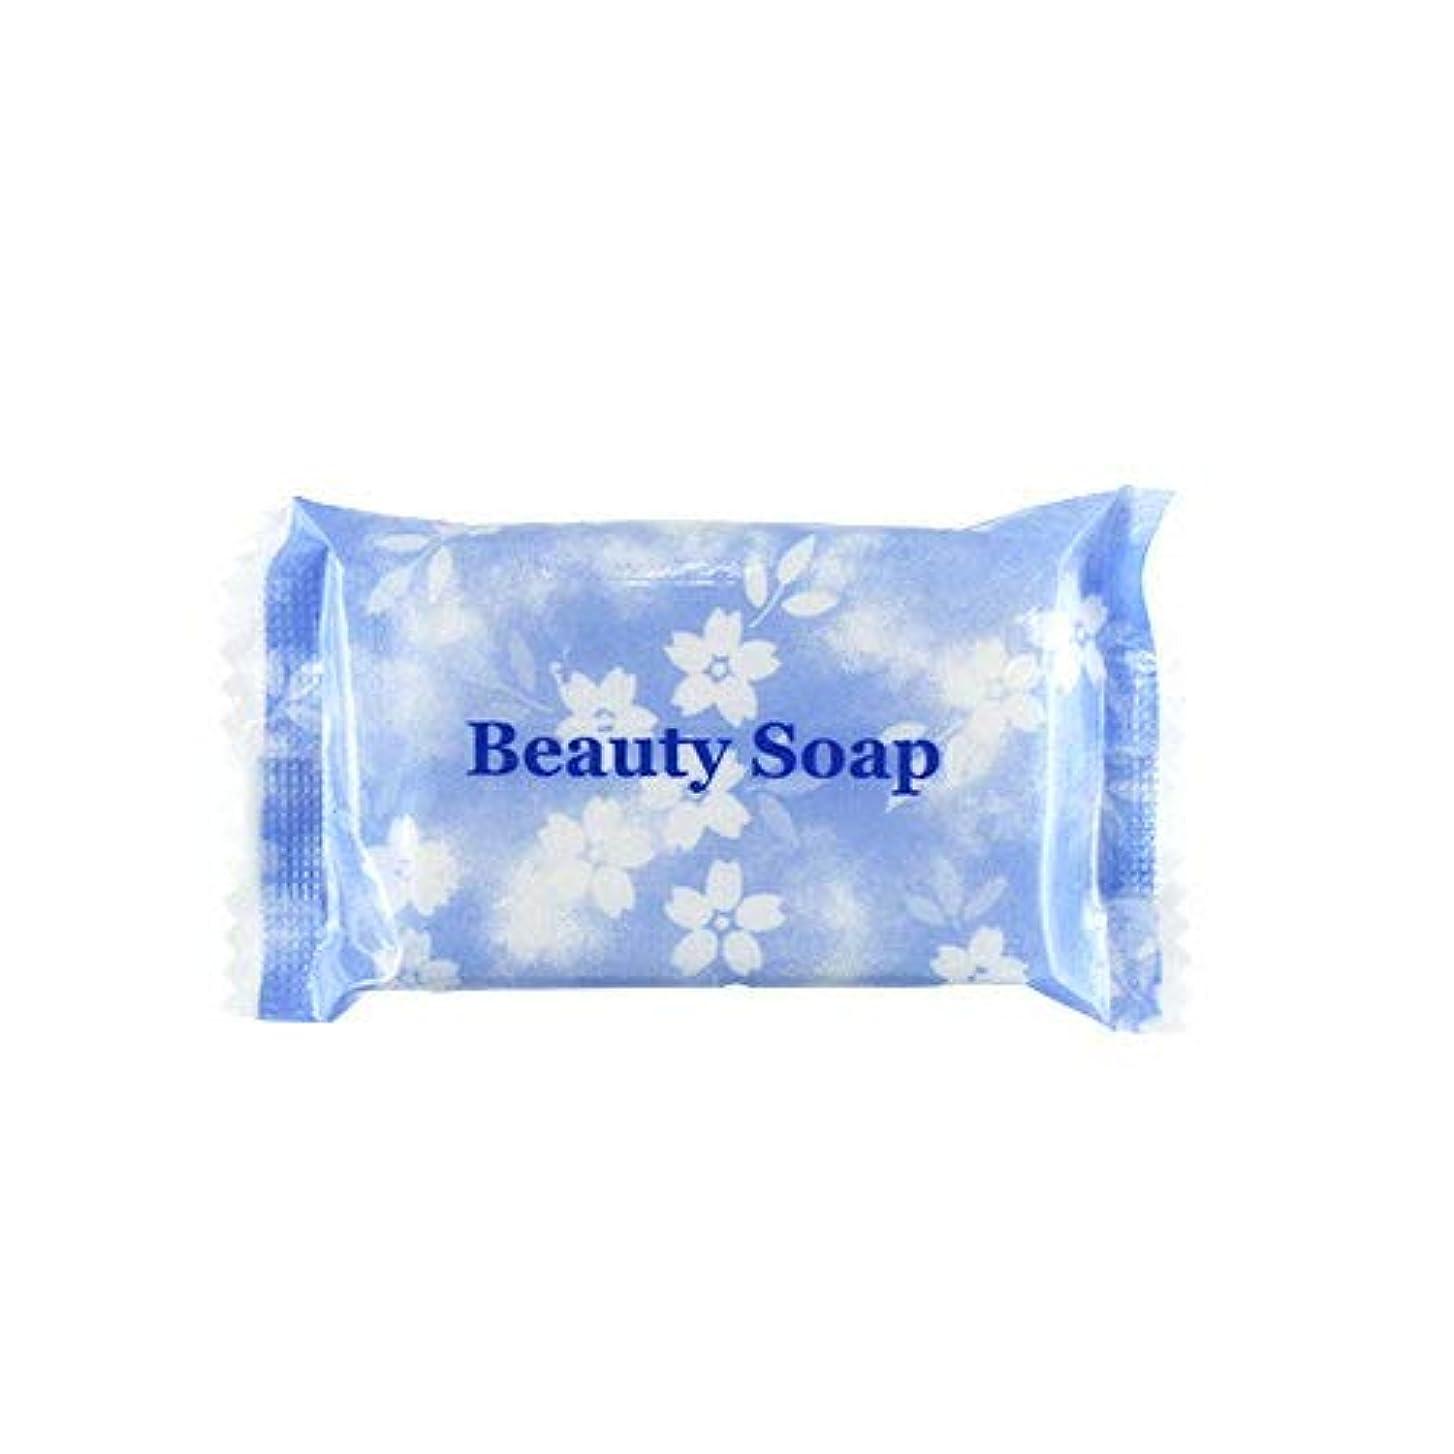 かすかなコマース論争業務用 クロバーコーポレーション ビューティーソープ(Beauty Soap) 15g | ホテルアメニティ 個包装